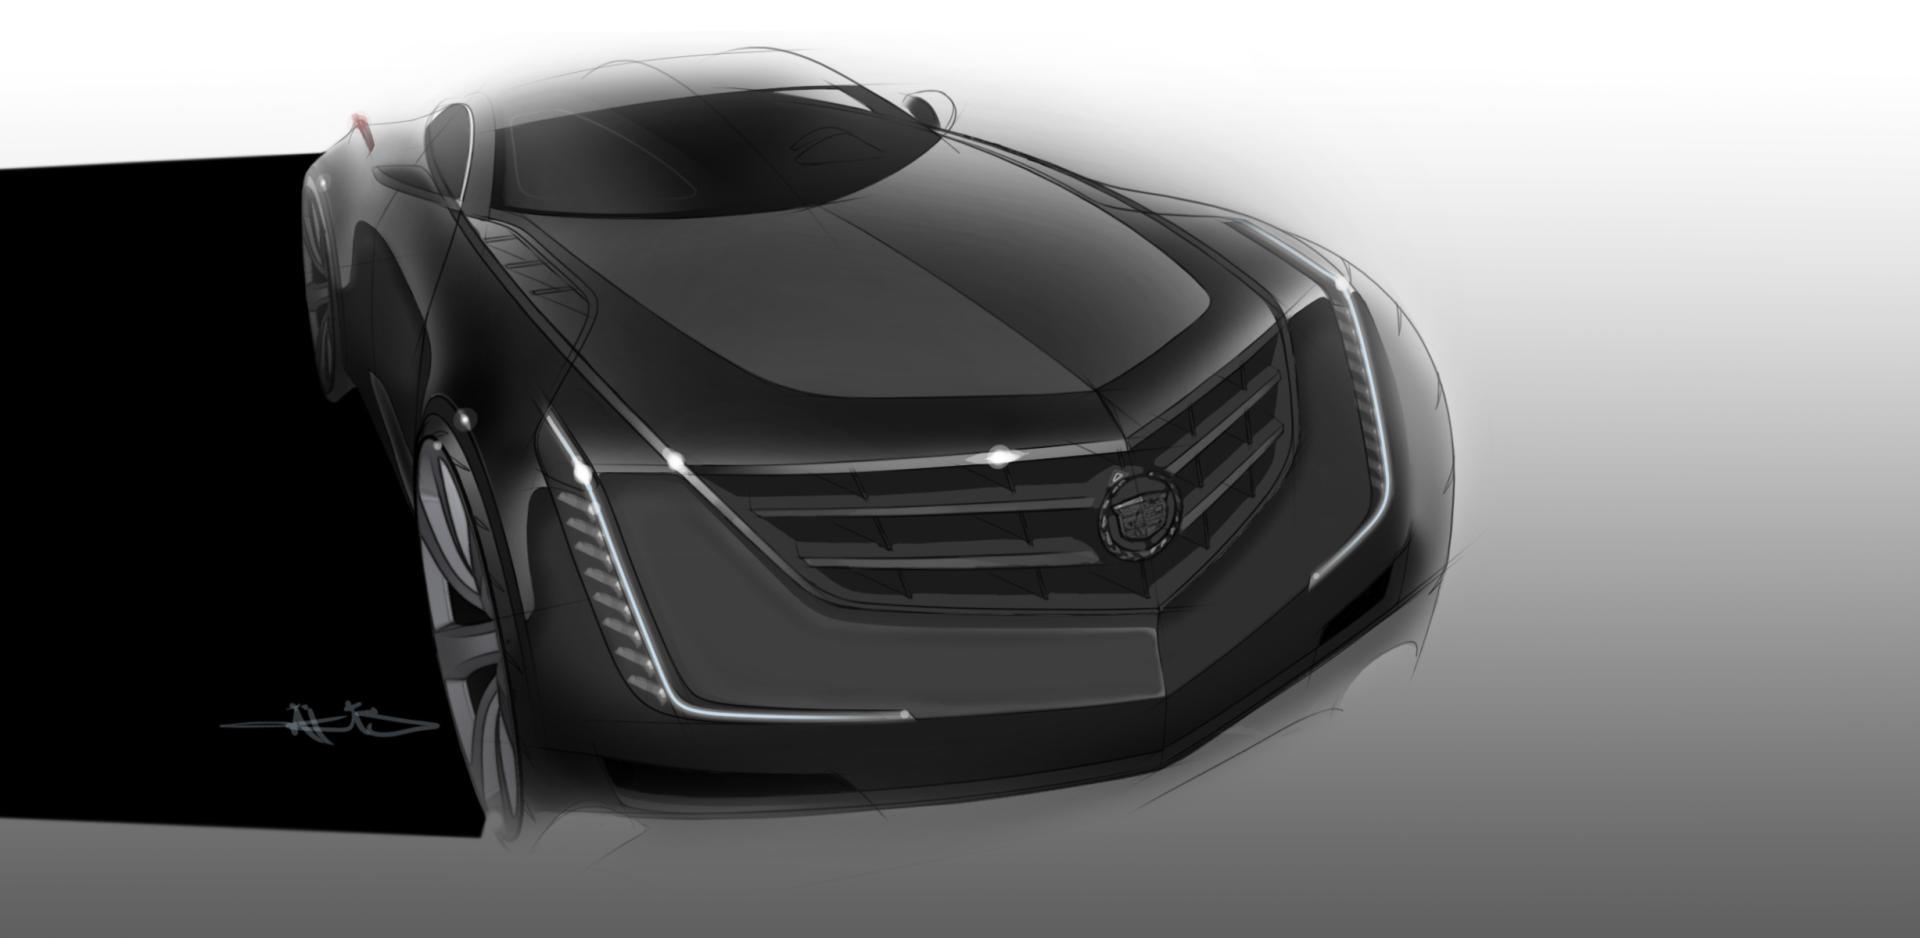 2013 Cadillac Elmiraj Concept Wallpapers HD - DriveSpark